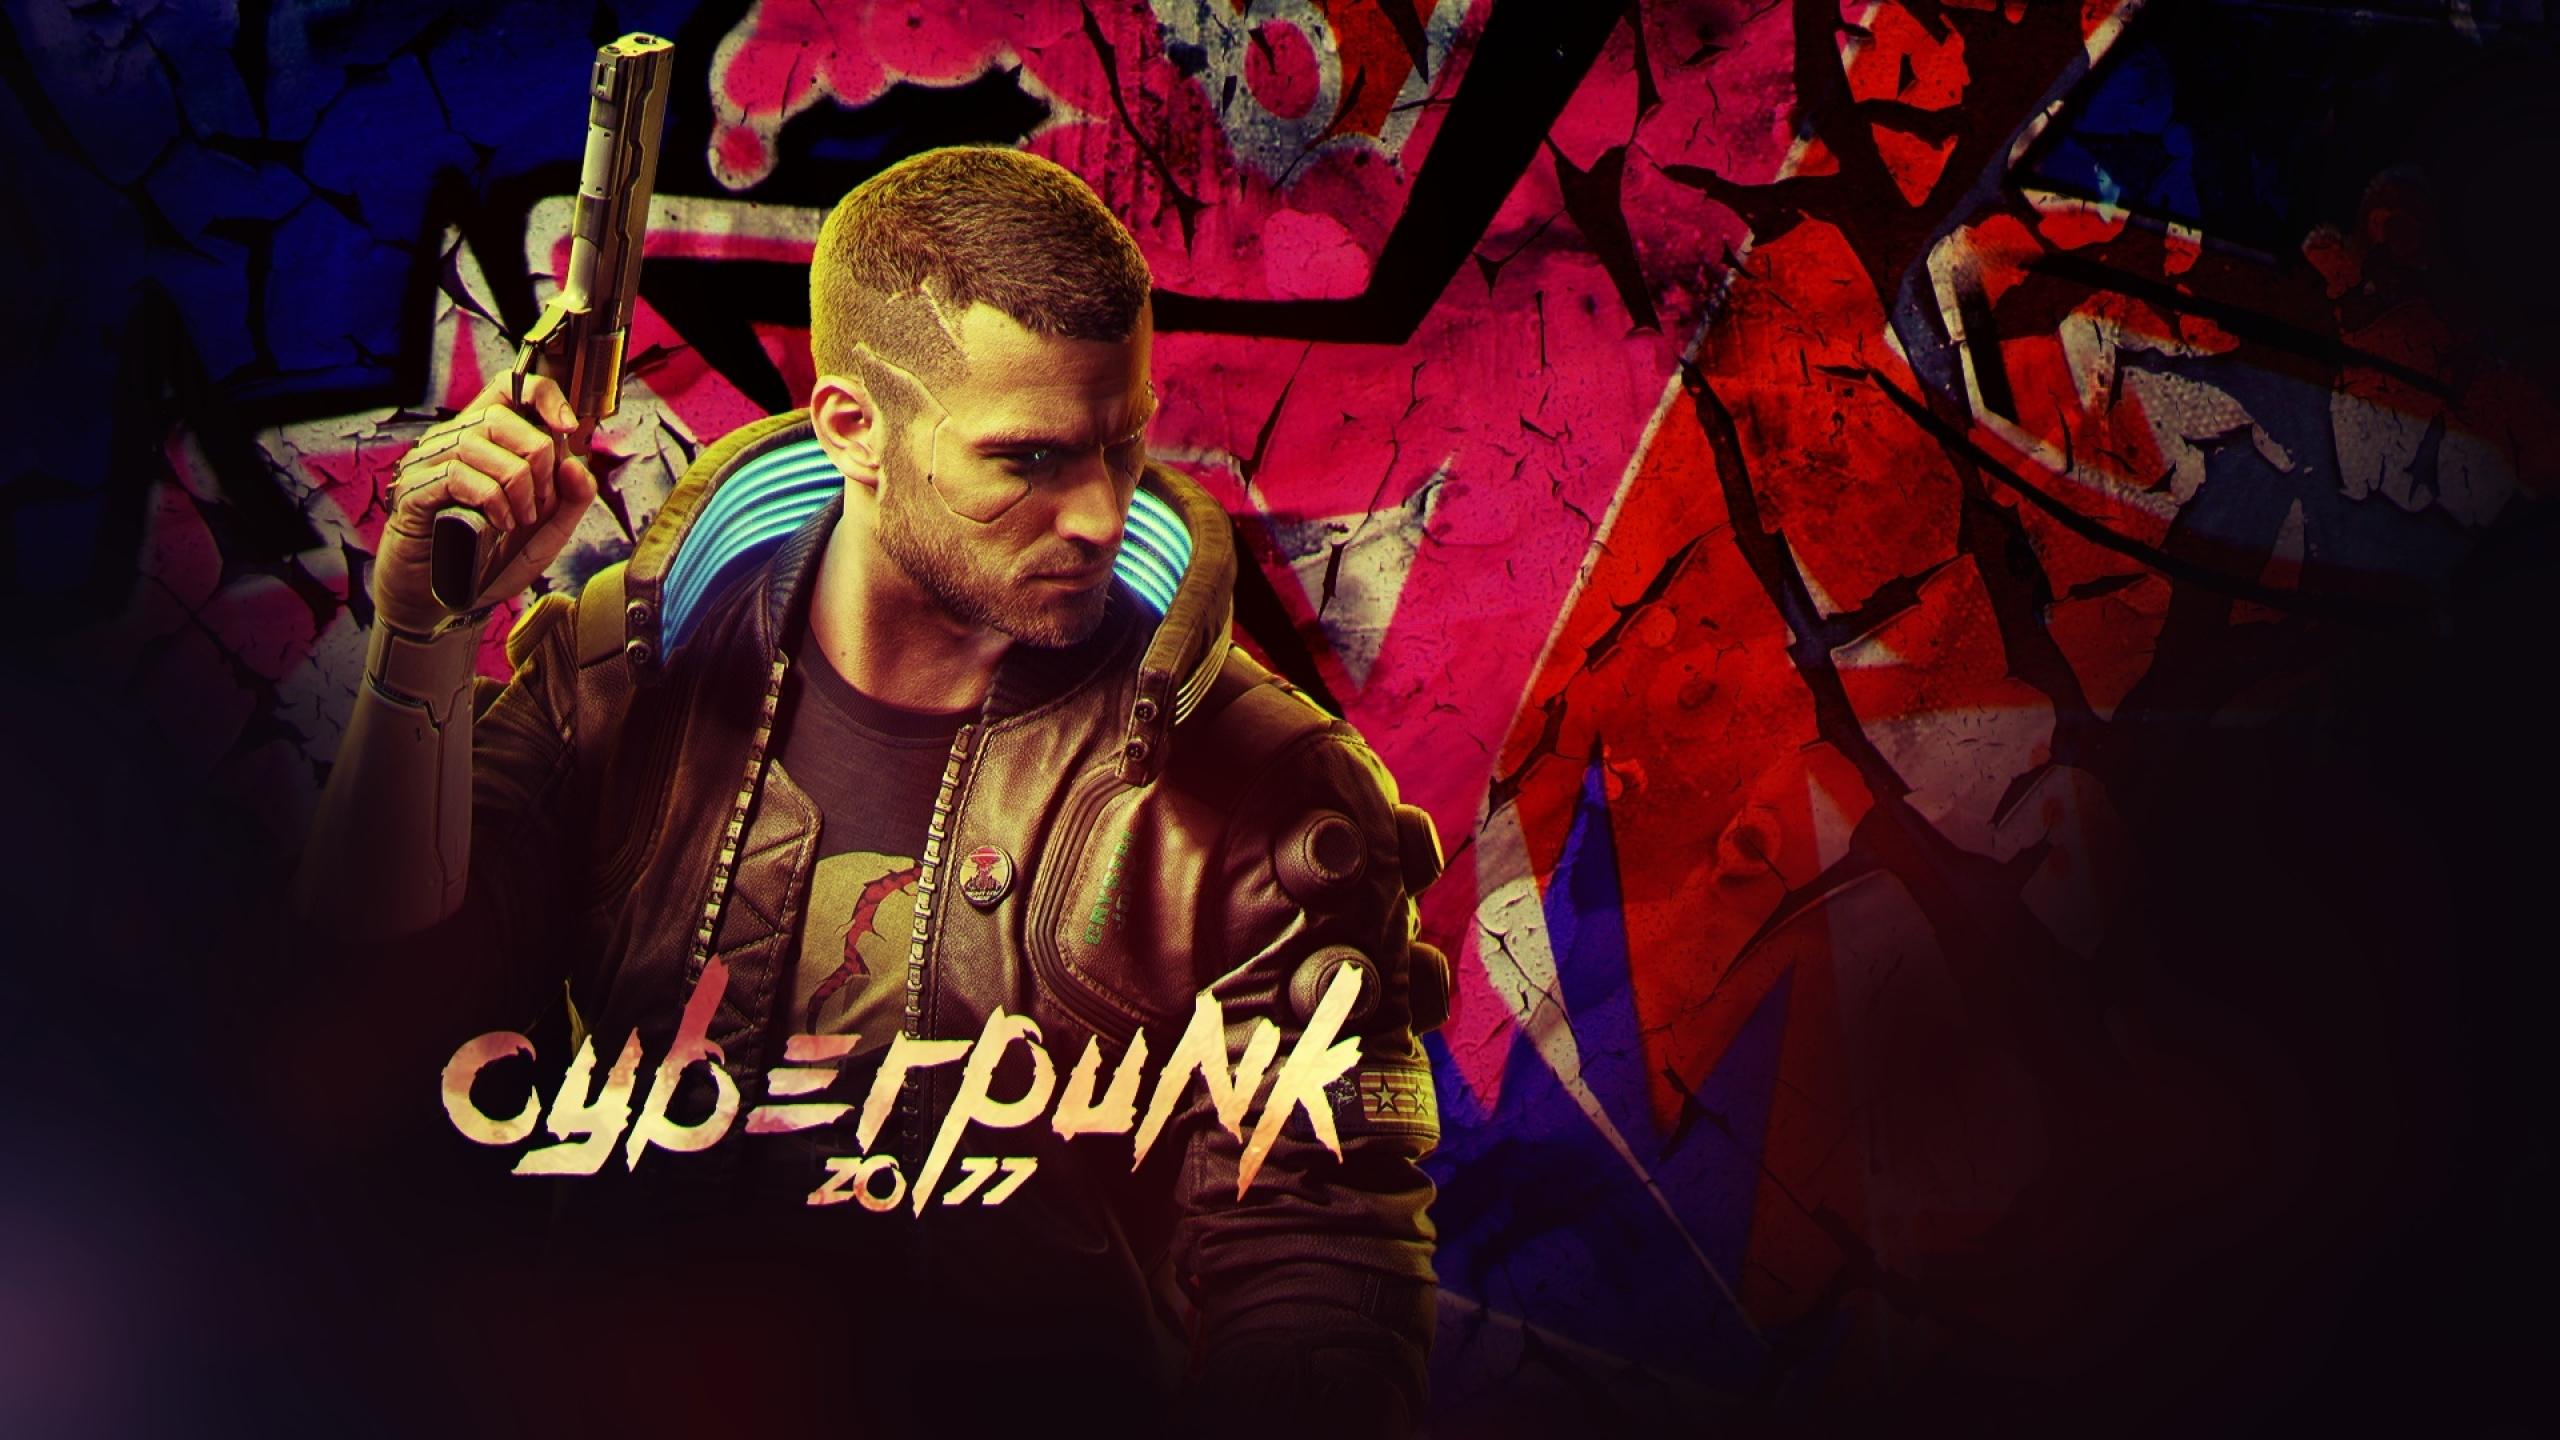 2560x1440 Cyberpunk 2077 Game 1440P Resolution Wallpaper ...